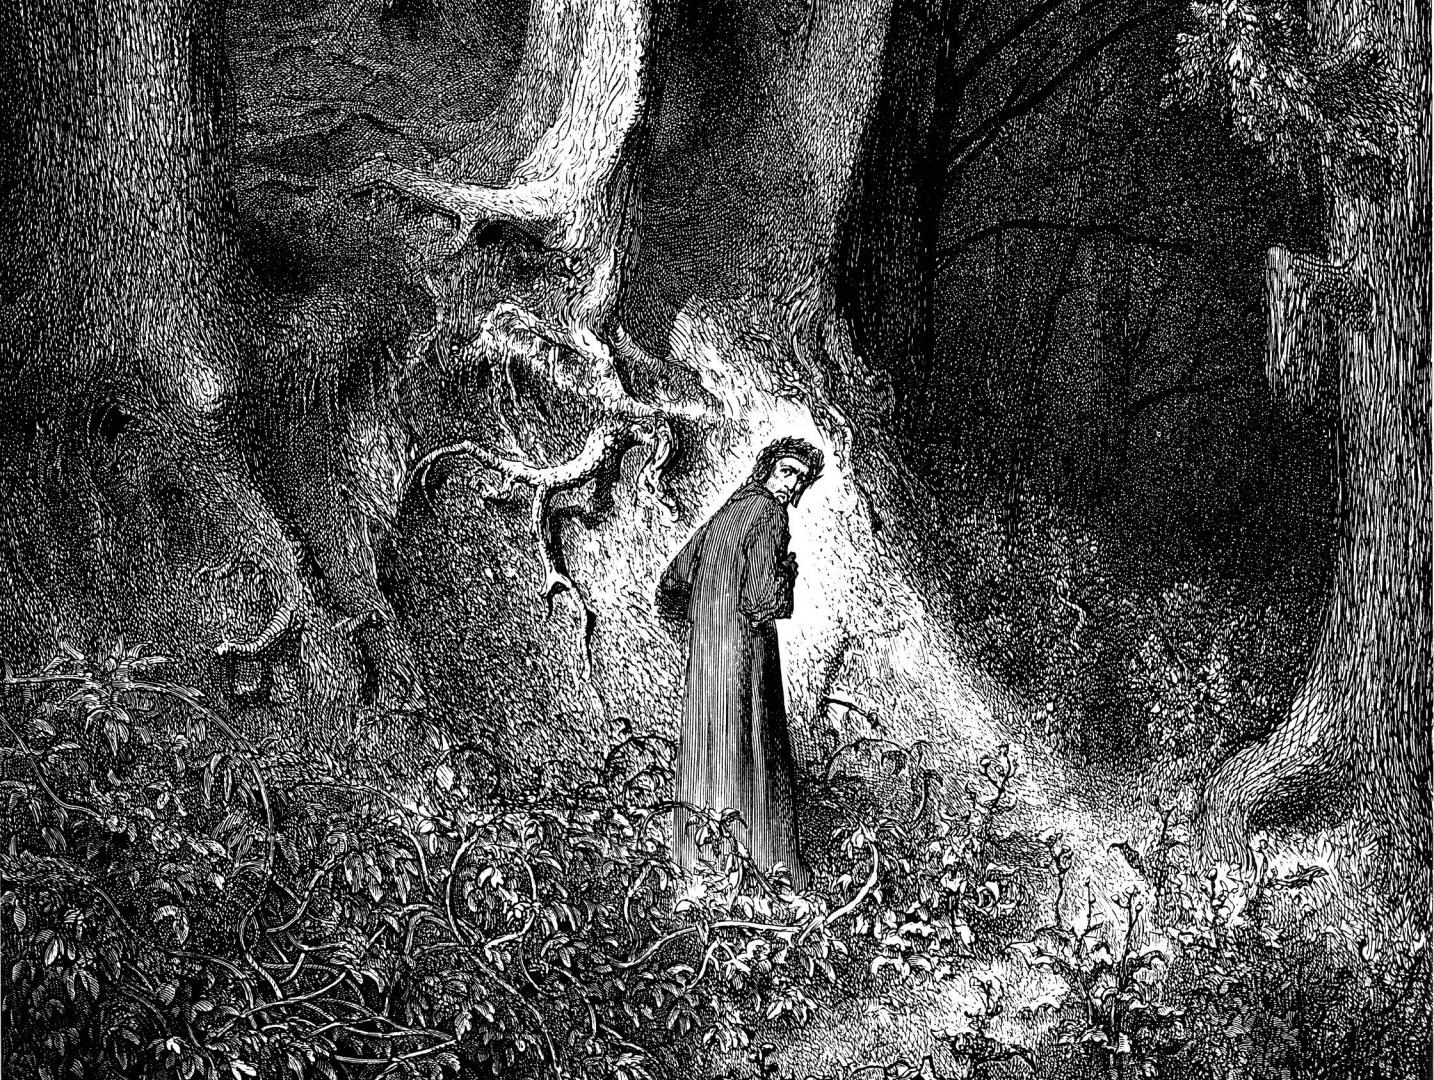 Гюстав Доре. Земную жизнь пройдя до половины, я очутился в сумрачном лесу (иллюстрация к «Аду» Данте Алигьери)